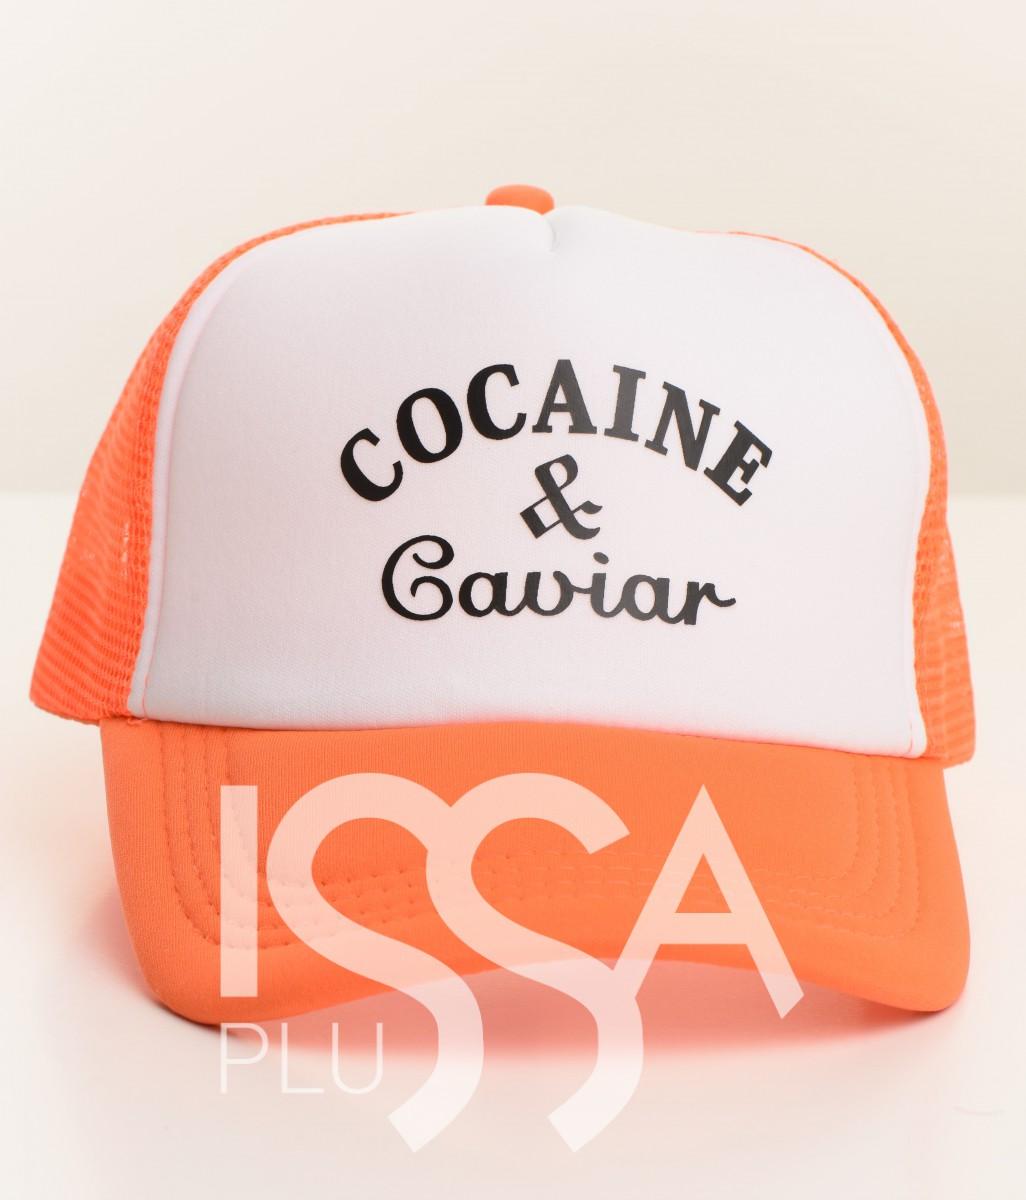 Бейсболка Cocaine & Caviar с оранжевым козырьком и сеткой